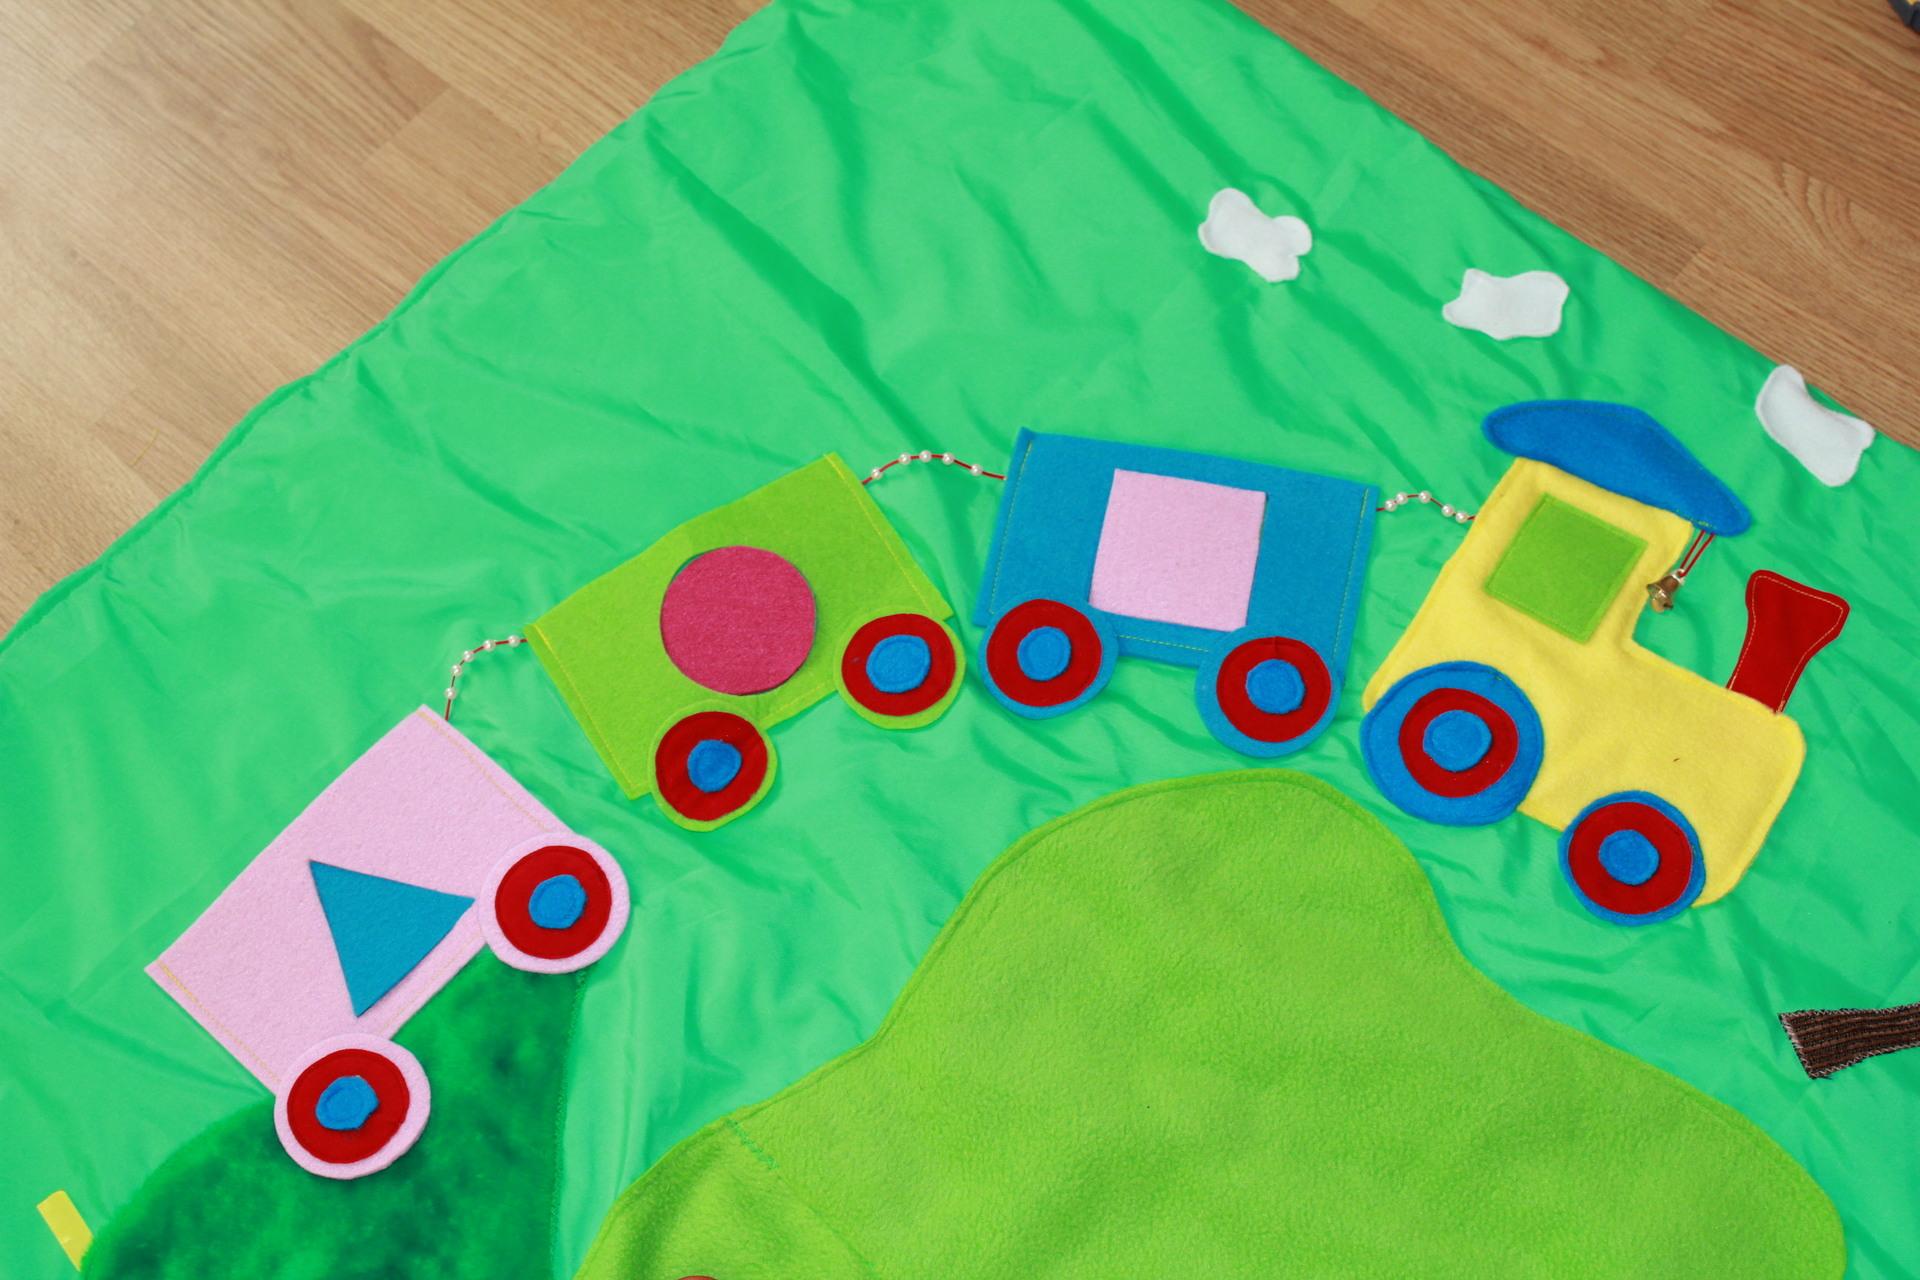 Развивающий коврик для детей своими руками (36 фото как) 93